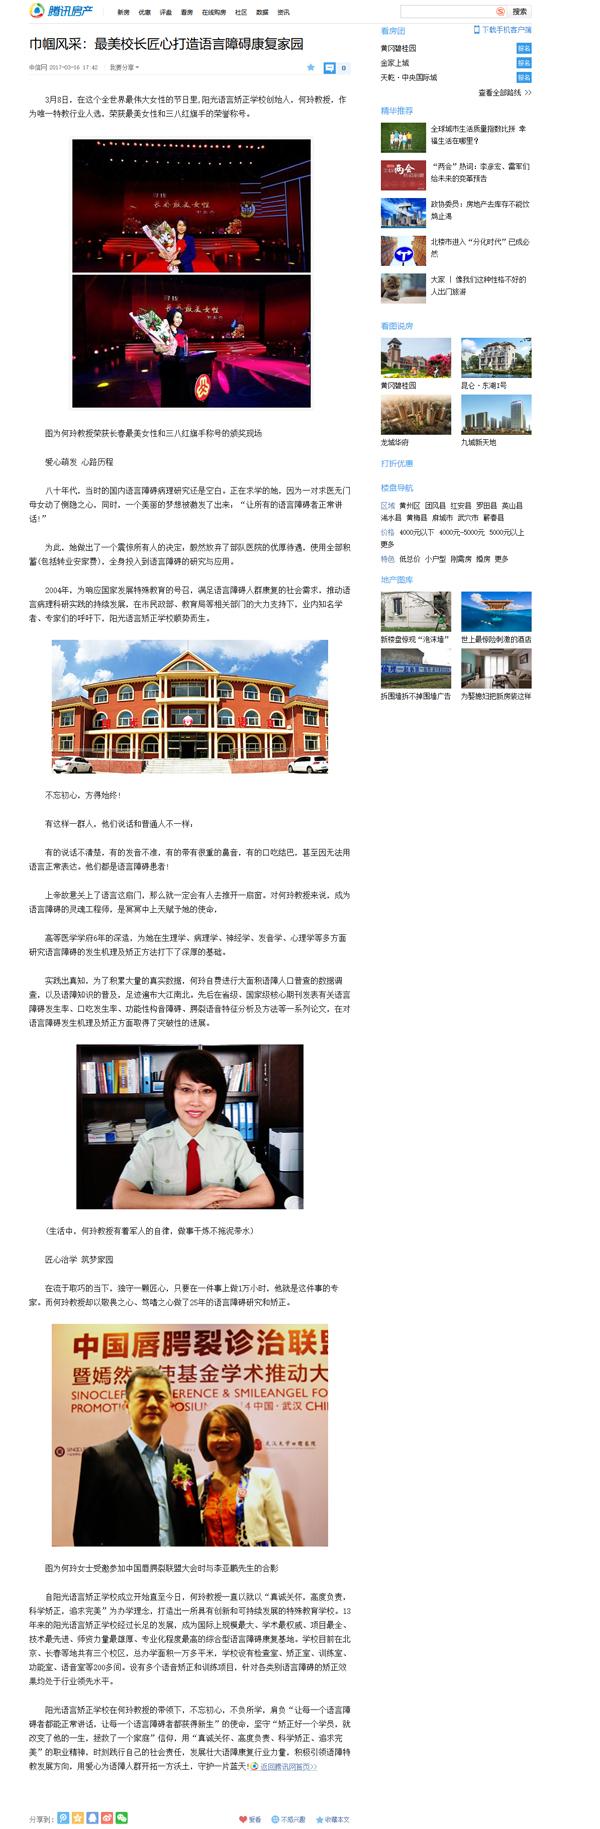 腾讯新闻:最美校长匠心打造语言障碍康复家园|阳光语言yabo娱乐学校创始人何玲校长